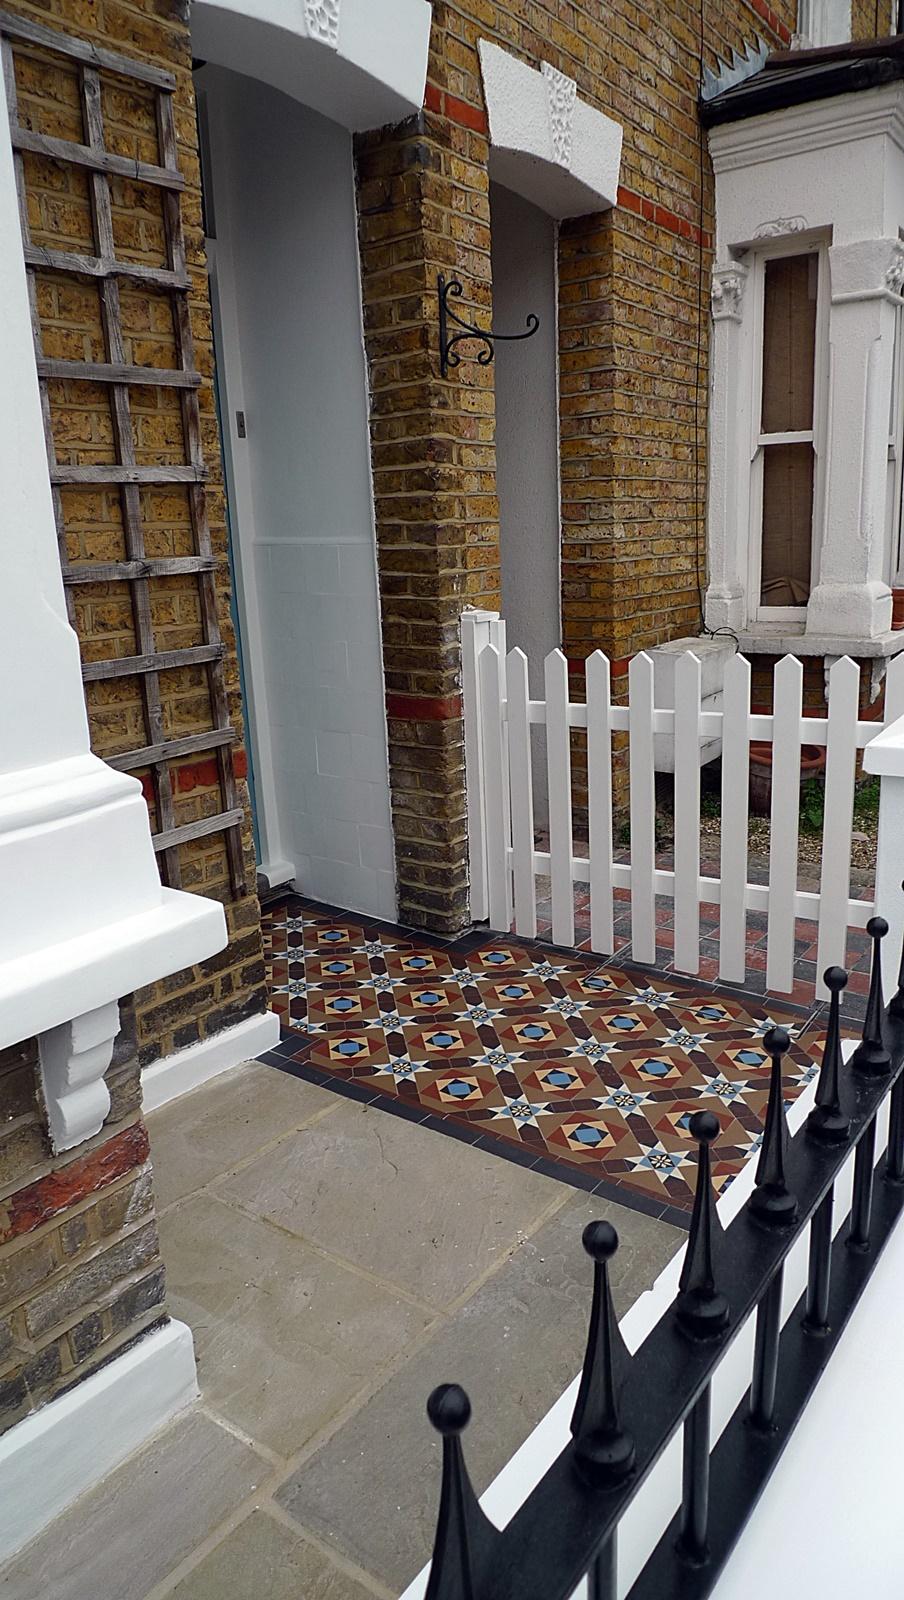 sandstone paving london front garden compnay victorian mosaic tile path mutil colour with encasutic tiles